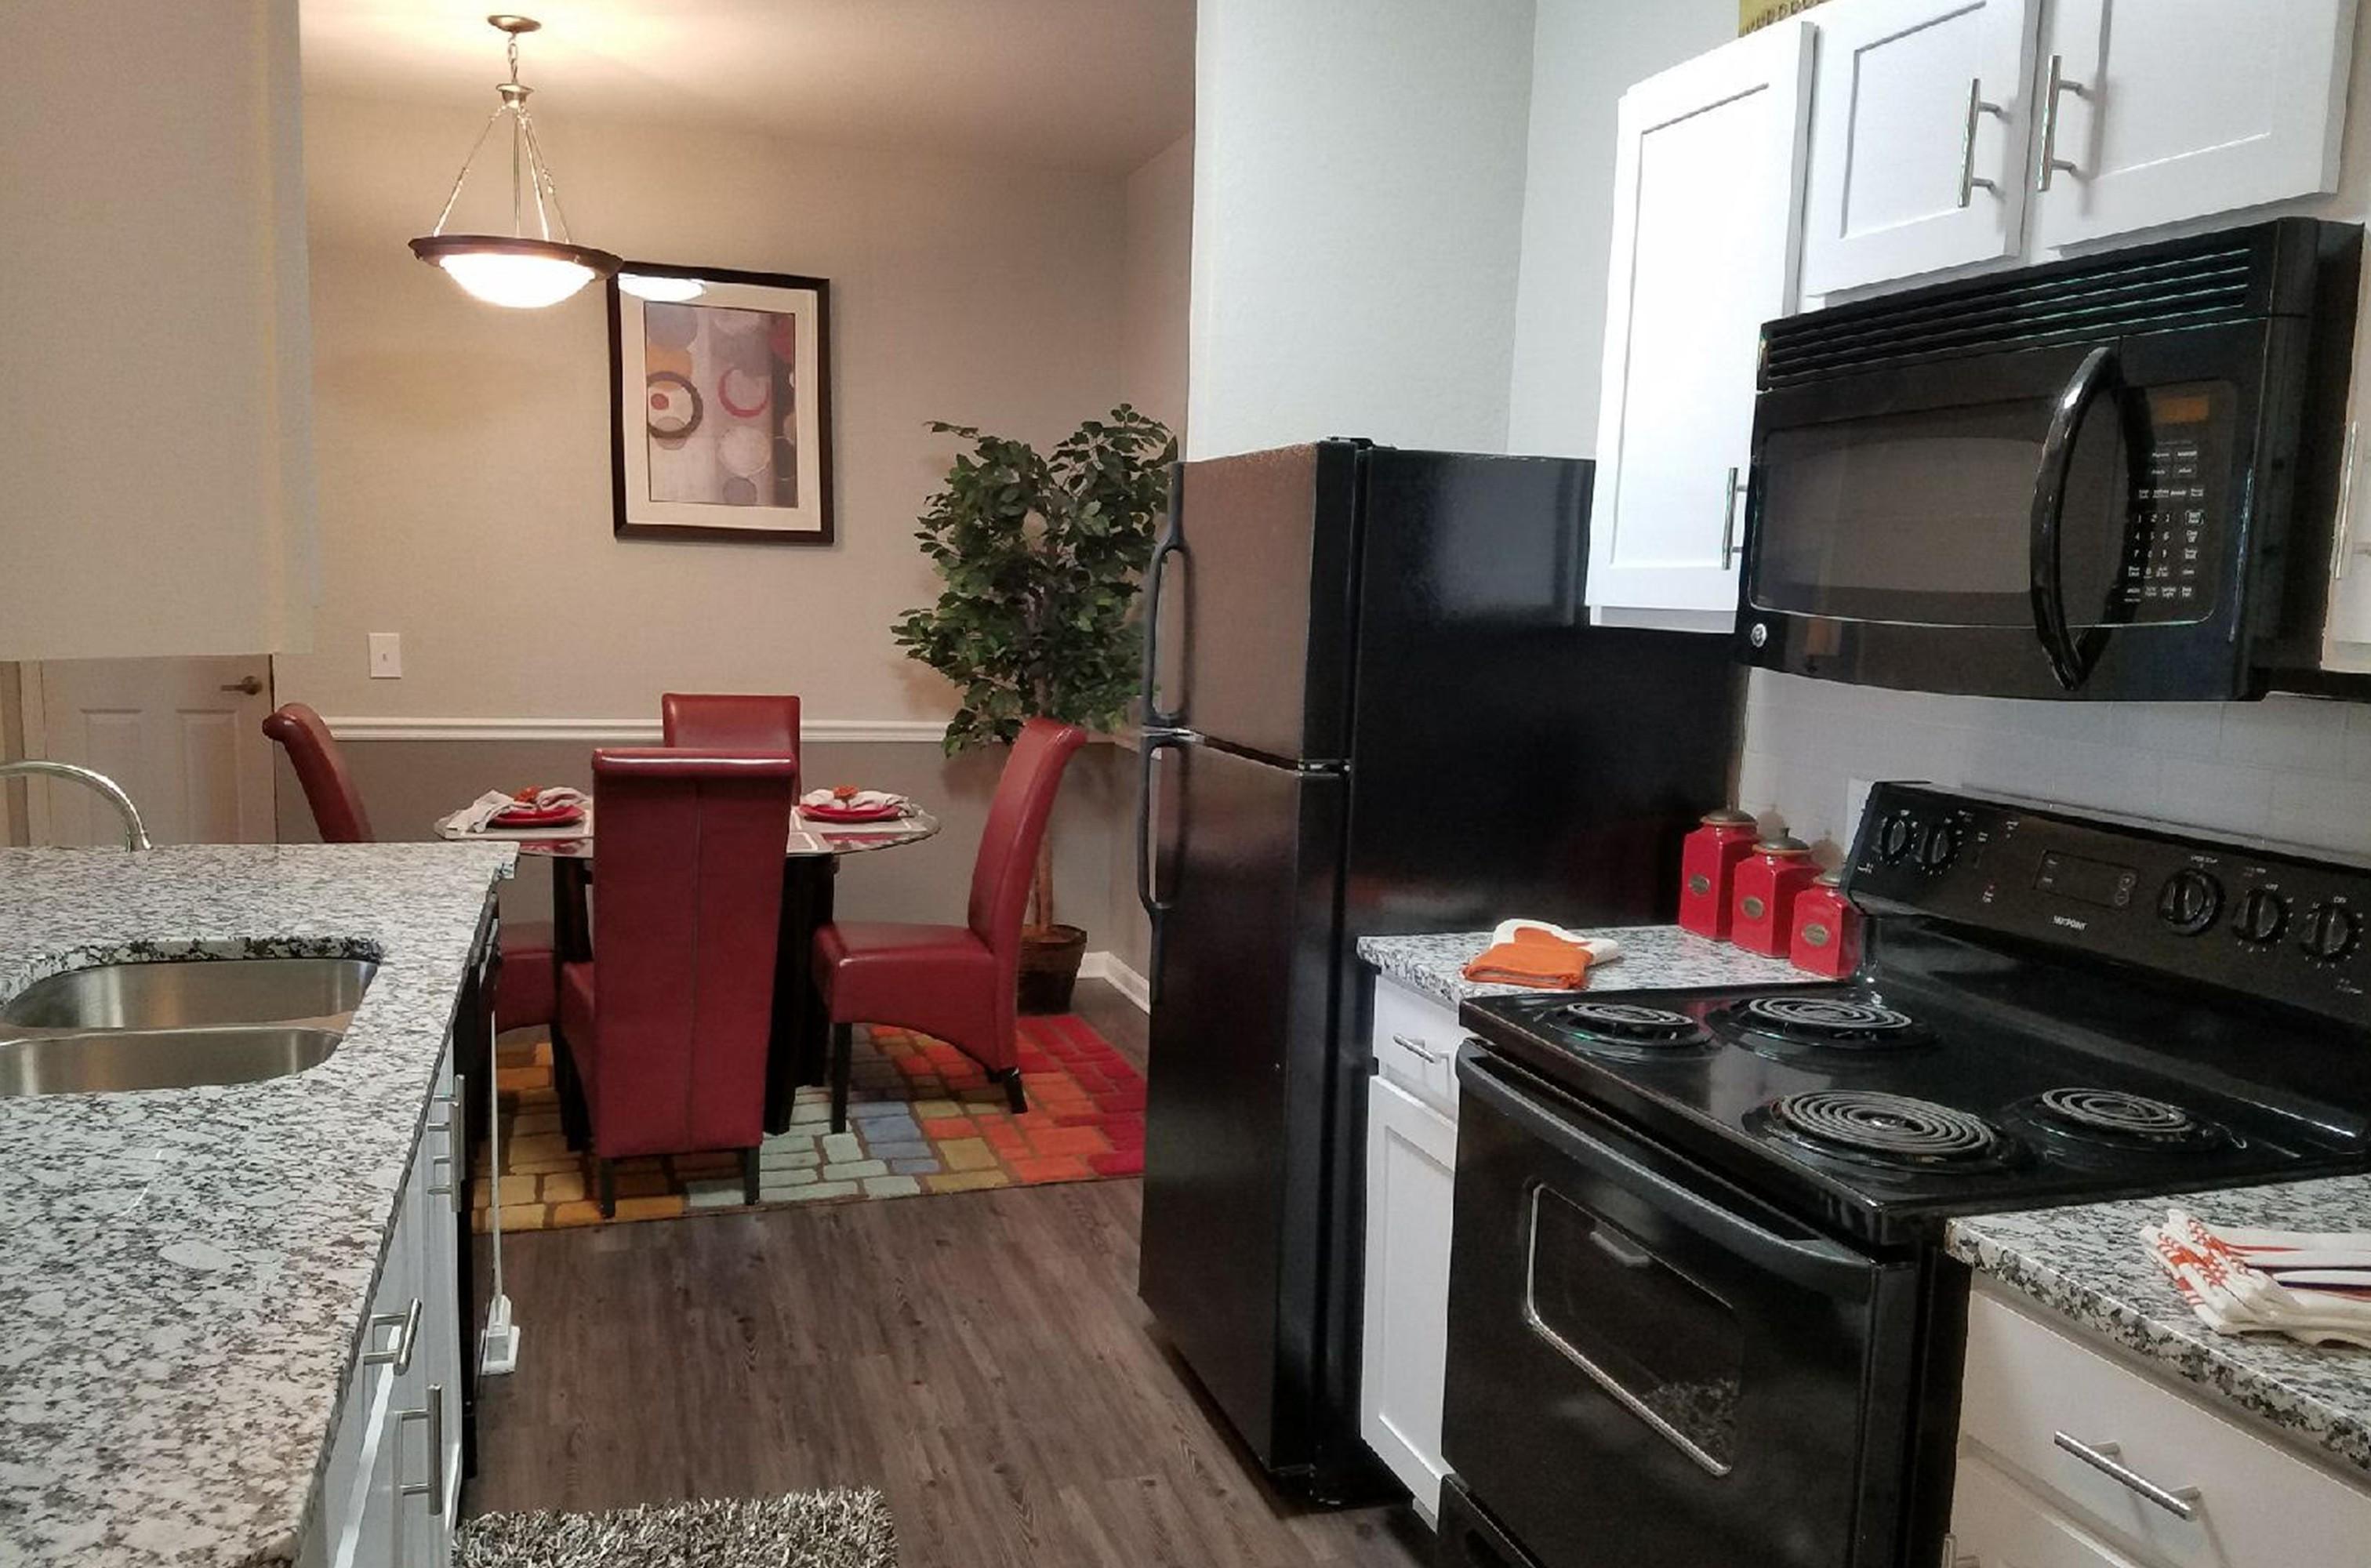 Apartments Near JU Edens Edge for Jacksonville University Students in Jacksonville, FL